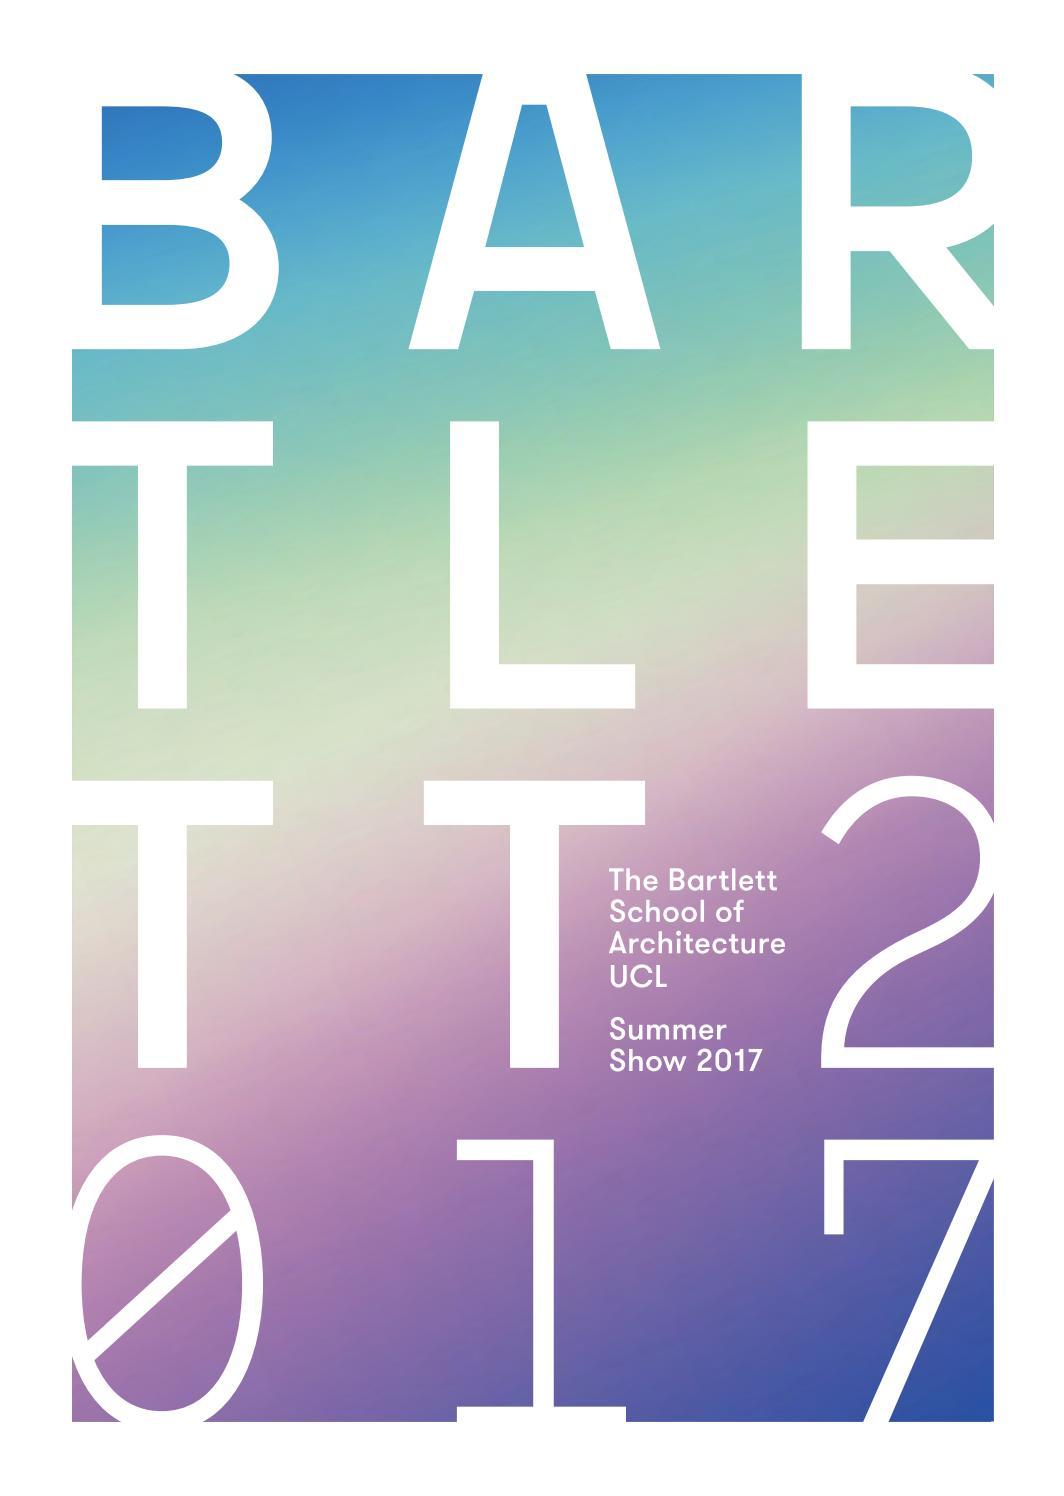 Bartlett Summer Show 2017 Book by The Bartlett School of